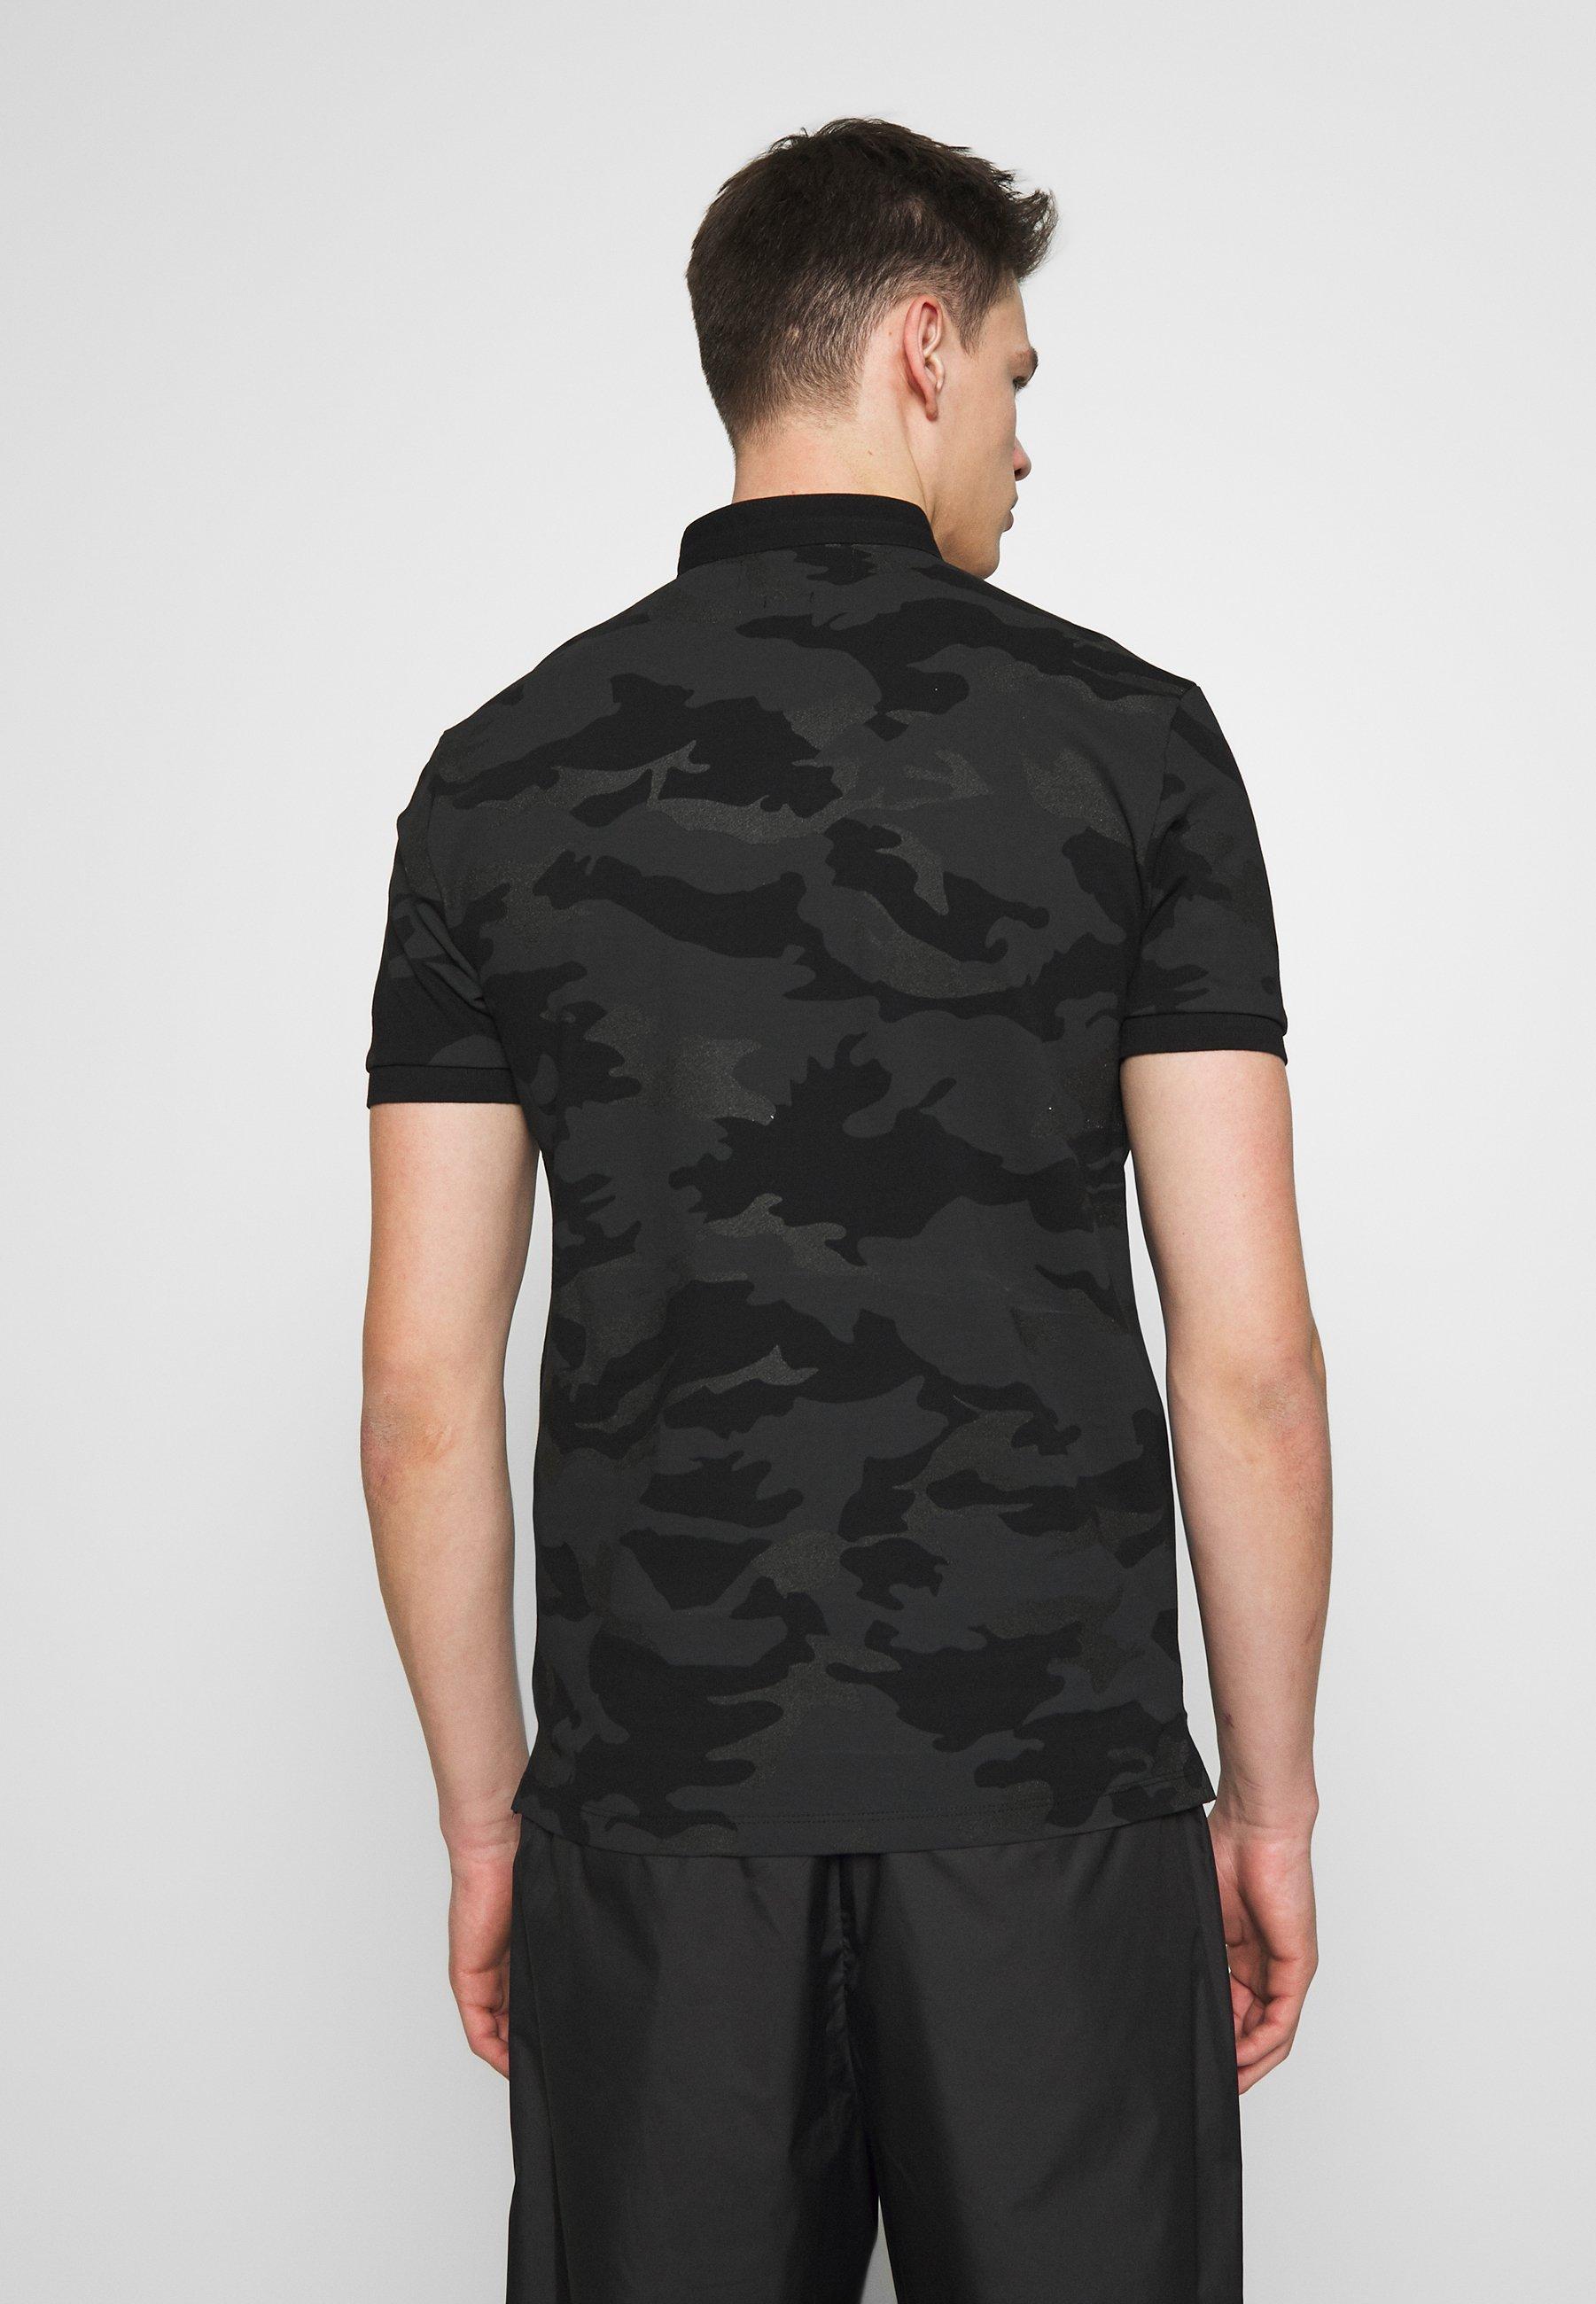 Najlepszy sprzedawca Gorąca wyprzedaż The Kooples CAMO - Koszulka polo - black | Odzież męska 2020 5UasD